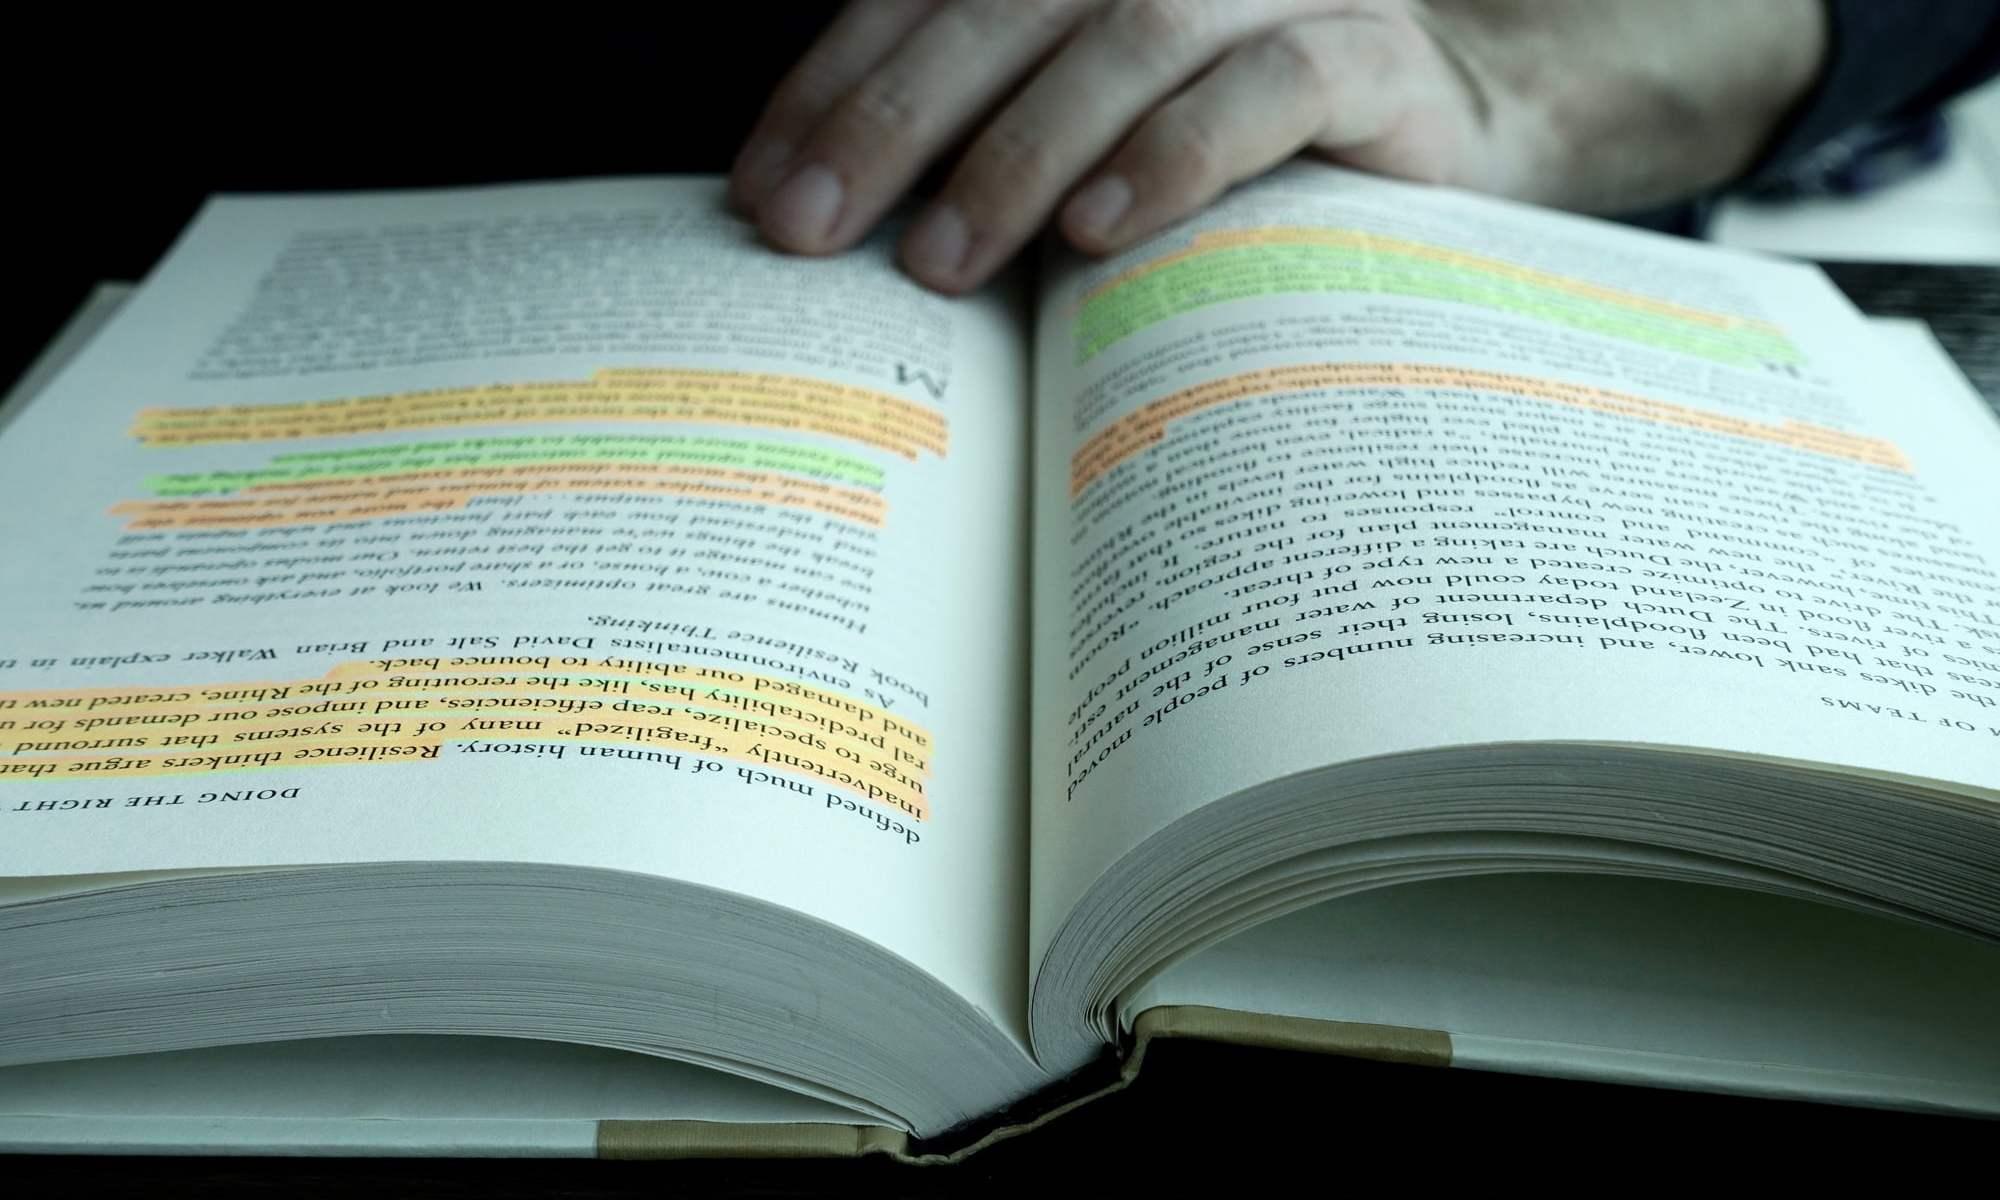 offenes Buch mit Markierungen